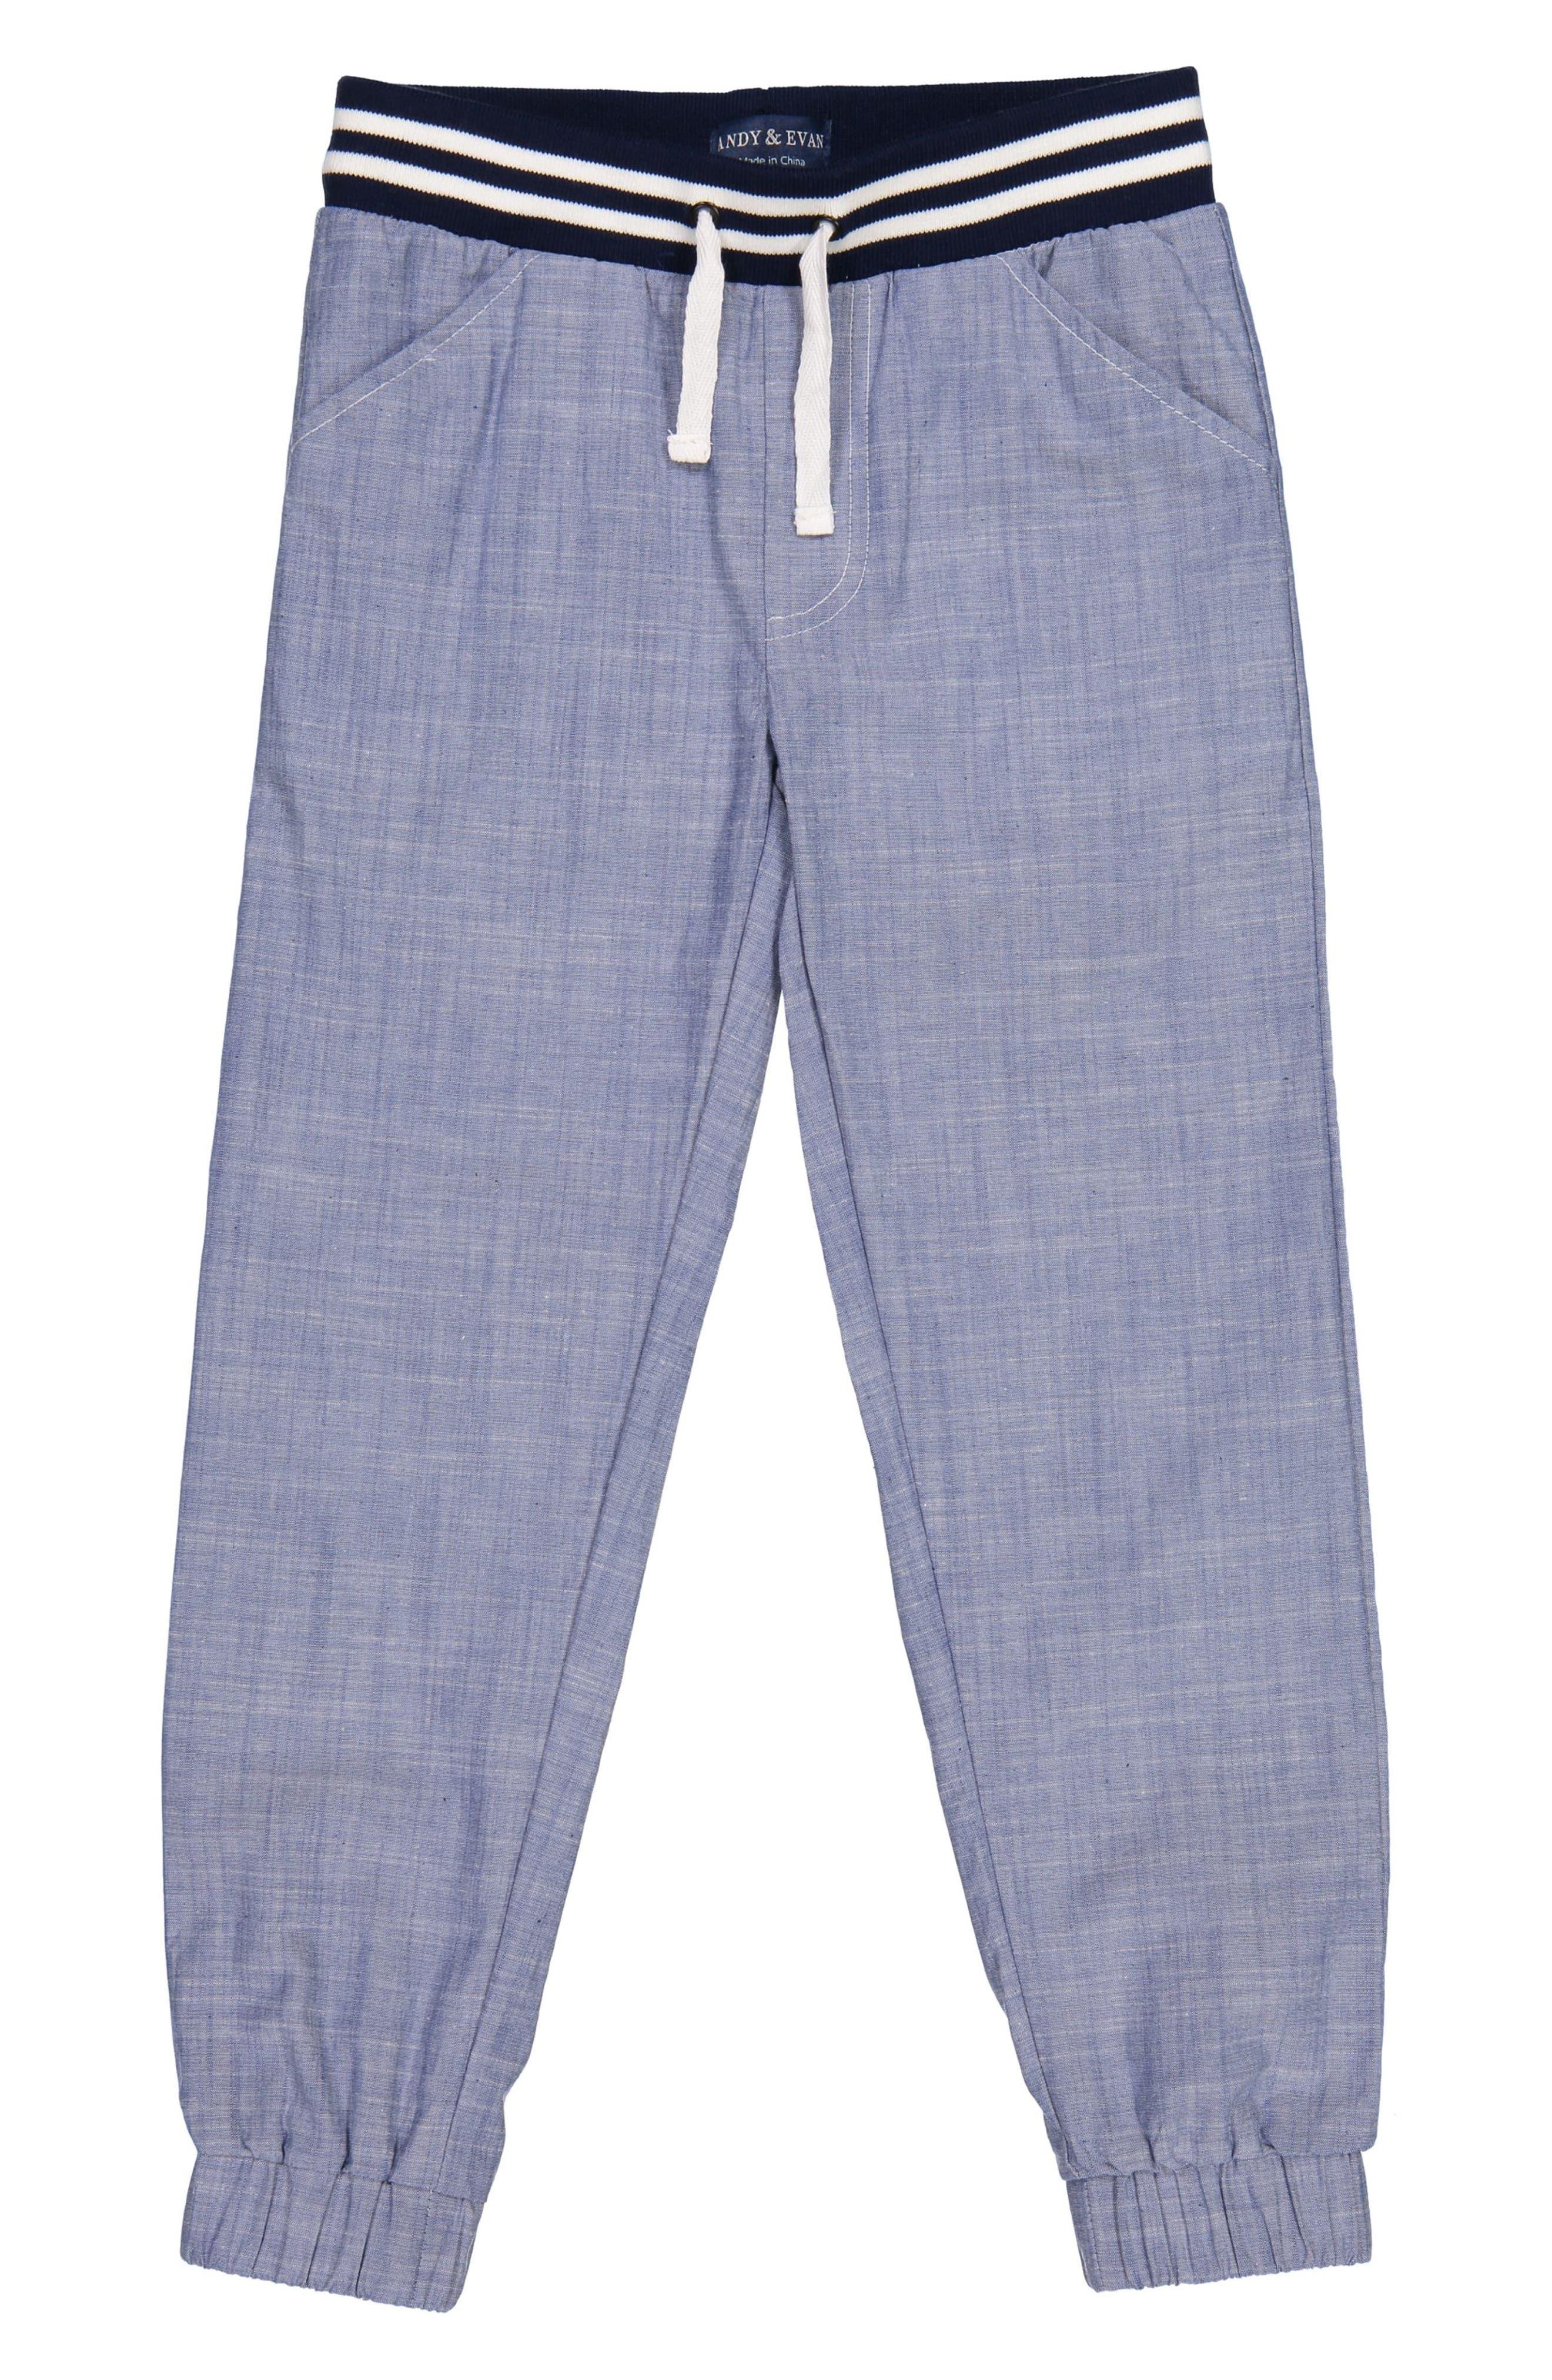 Chambray Jogger Pants,                         Main,                         color, 424